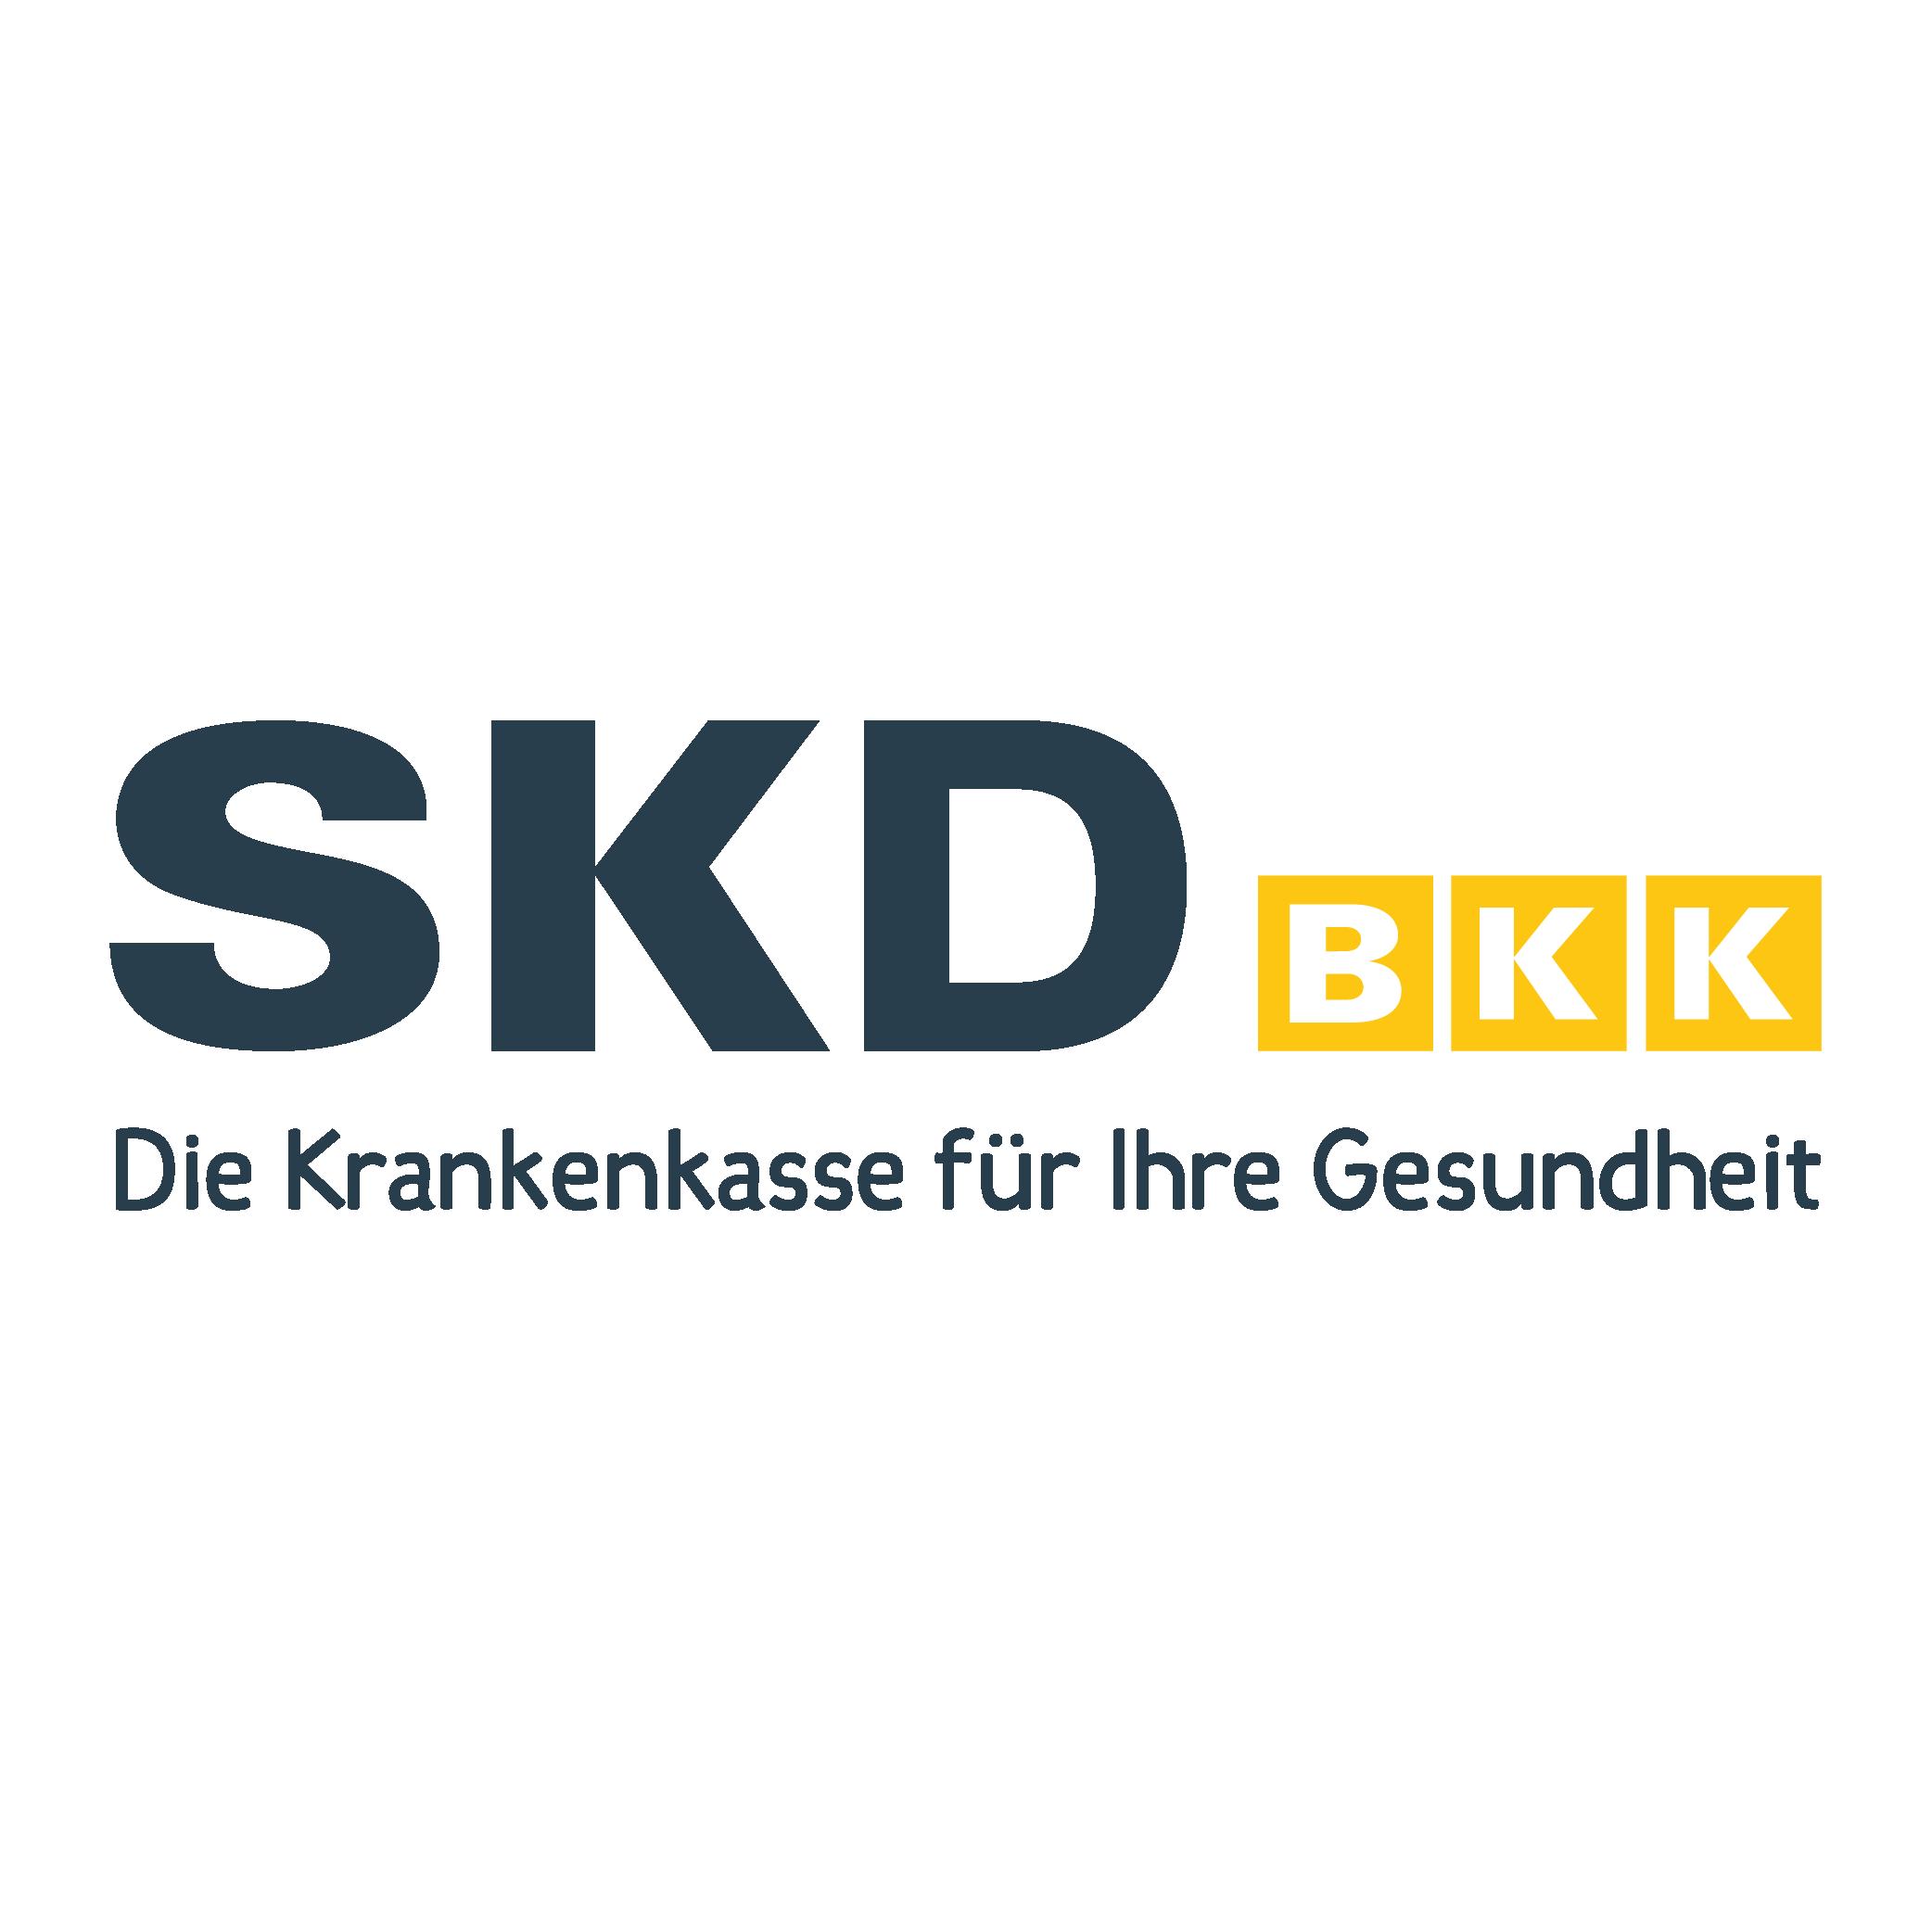 Markenzeichen der SKD BKK